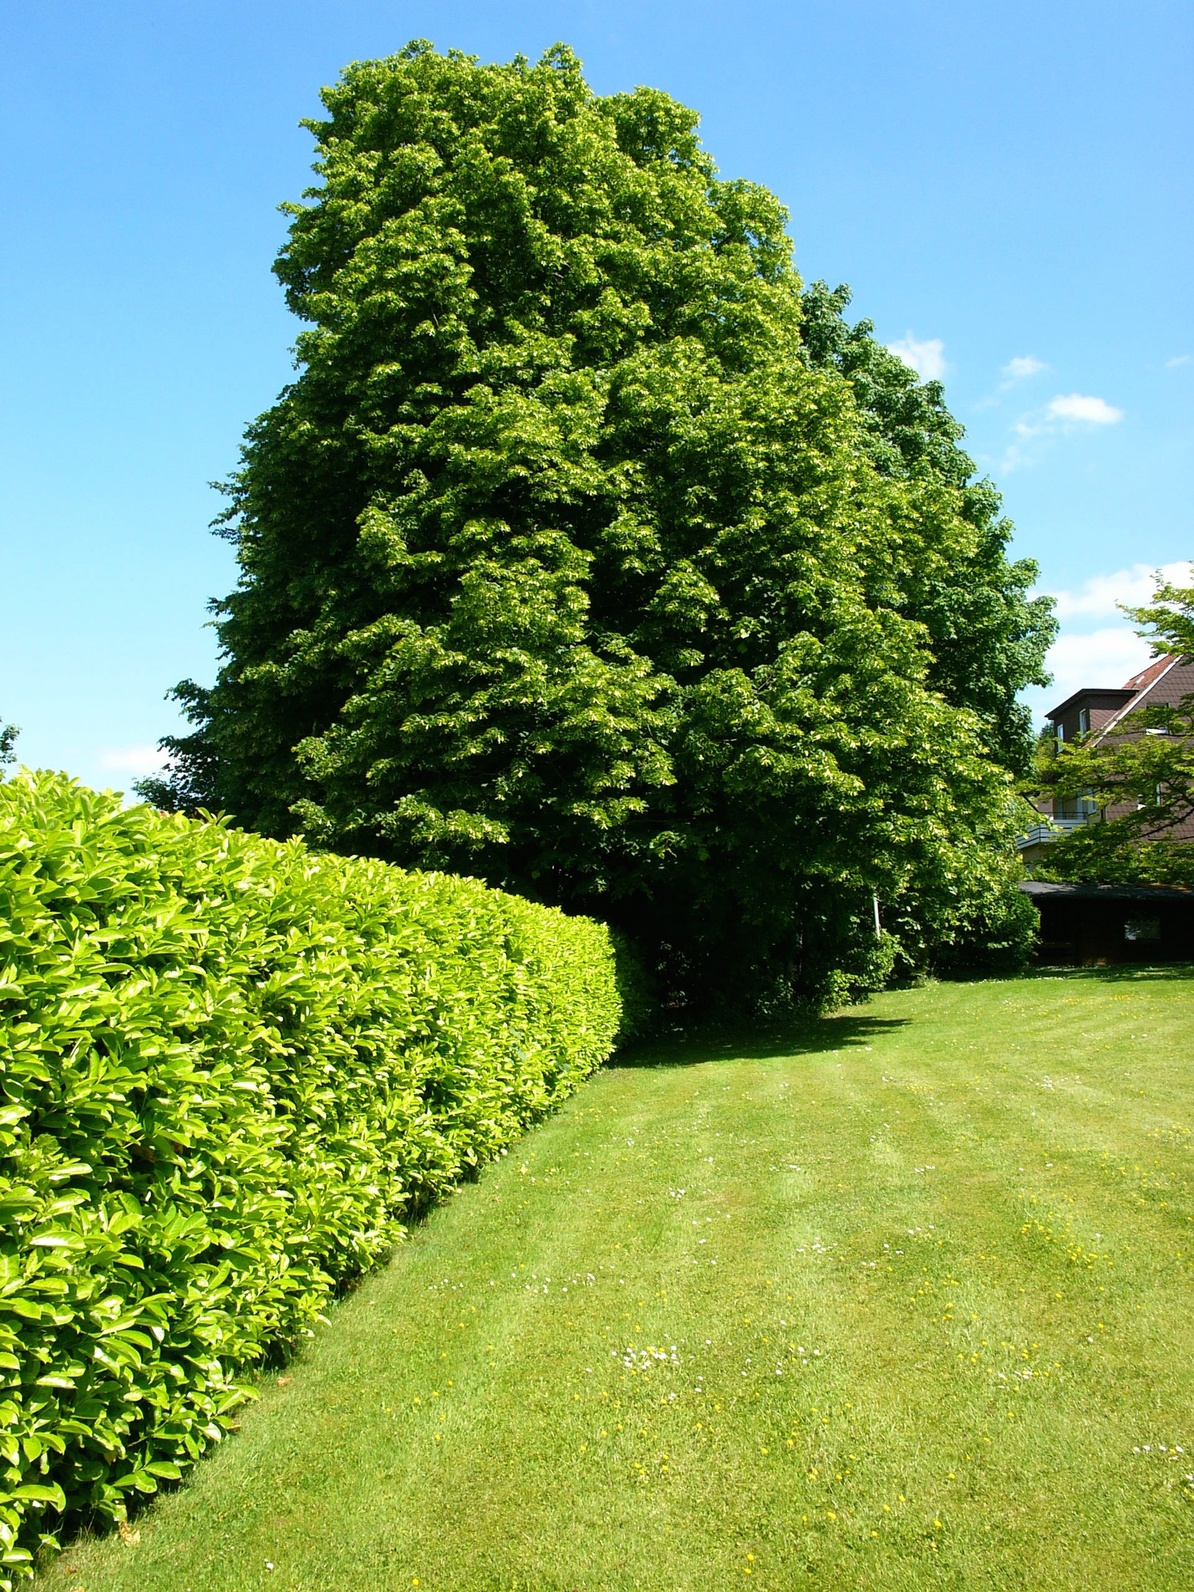 Frisch gemähter Rasen einer Gartenanlage in Oerlinghausen bei Bielefeld im Teutoburger Wald